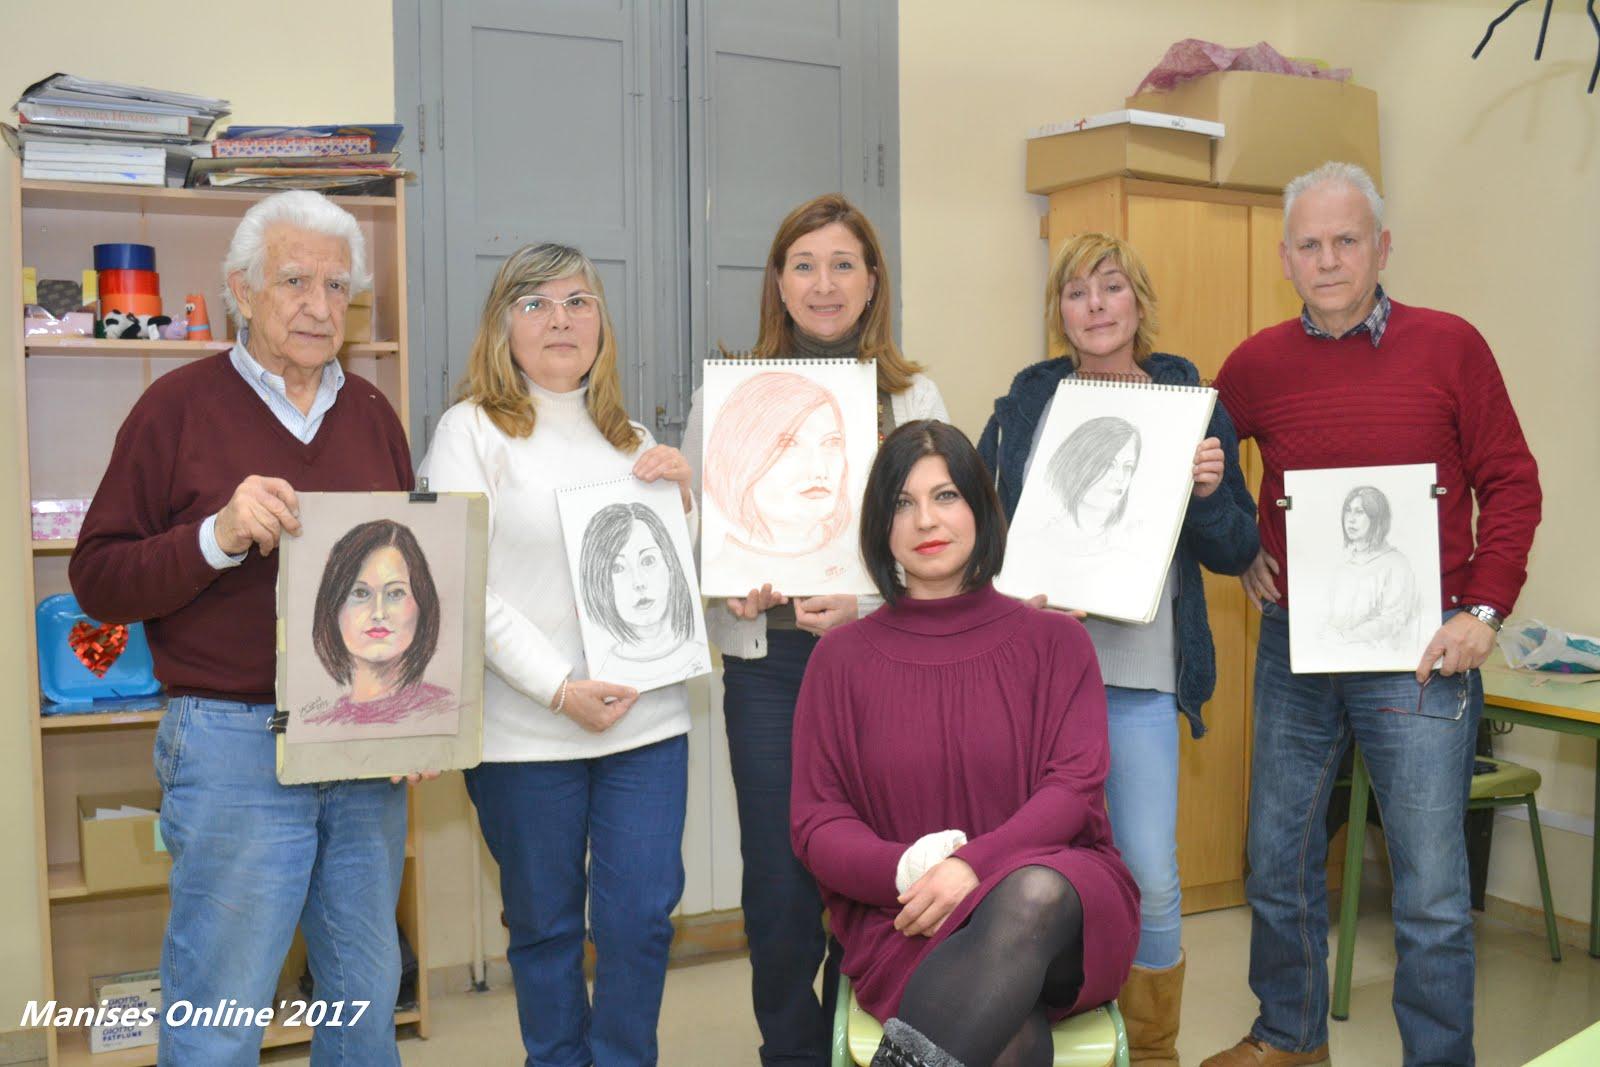 28-02-17 TALLER LLIURE DE DIBUIX EN LA CASA D CULTURA